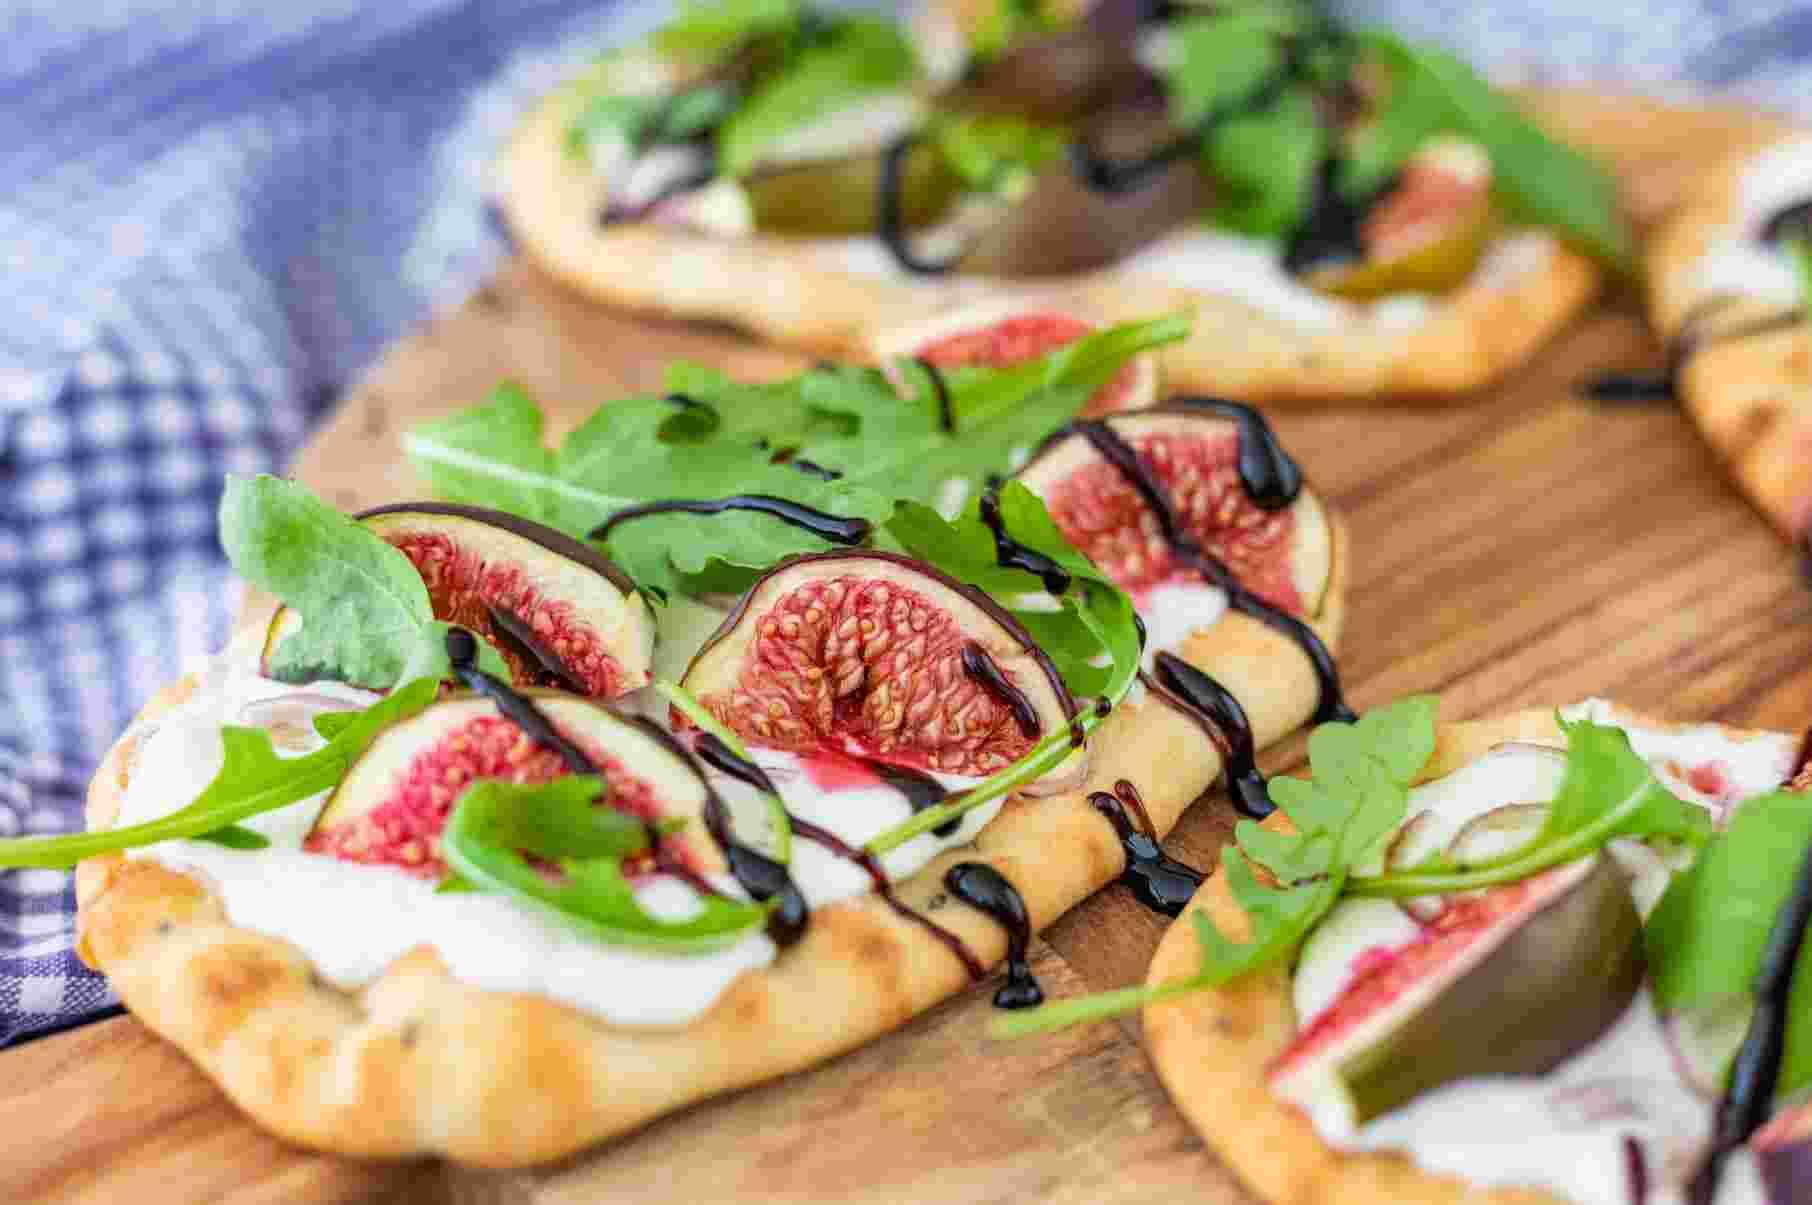 naanpizza-met-geitenkaas-vijgen-en-balsamico-1.jpg